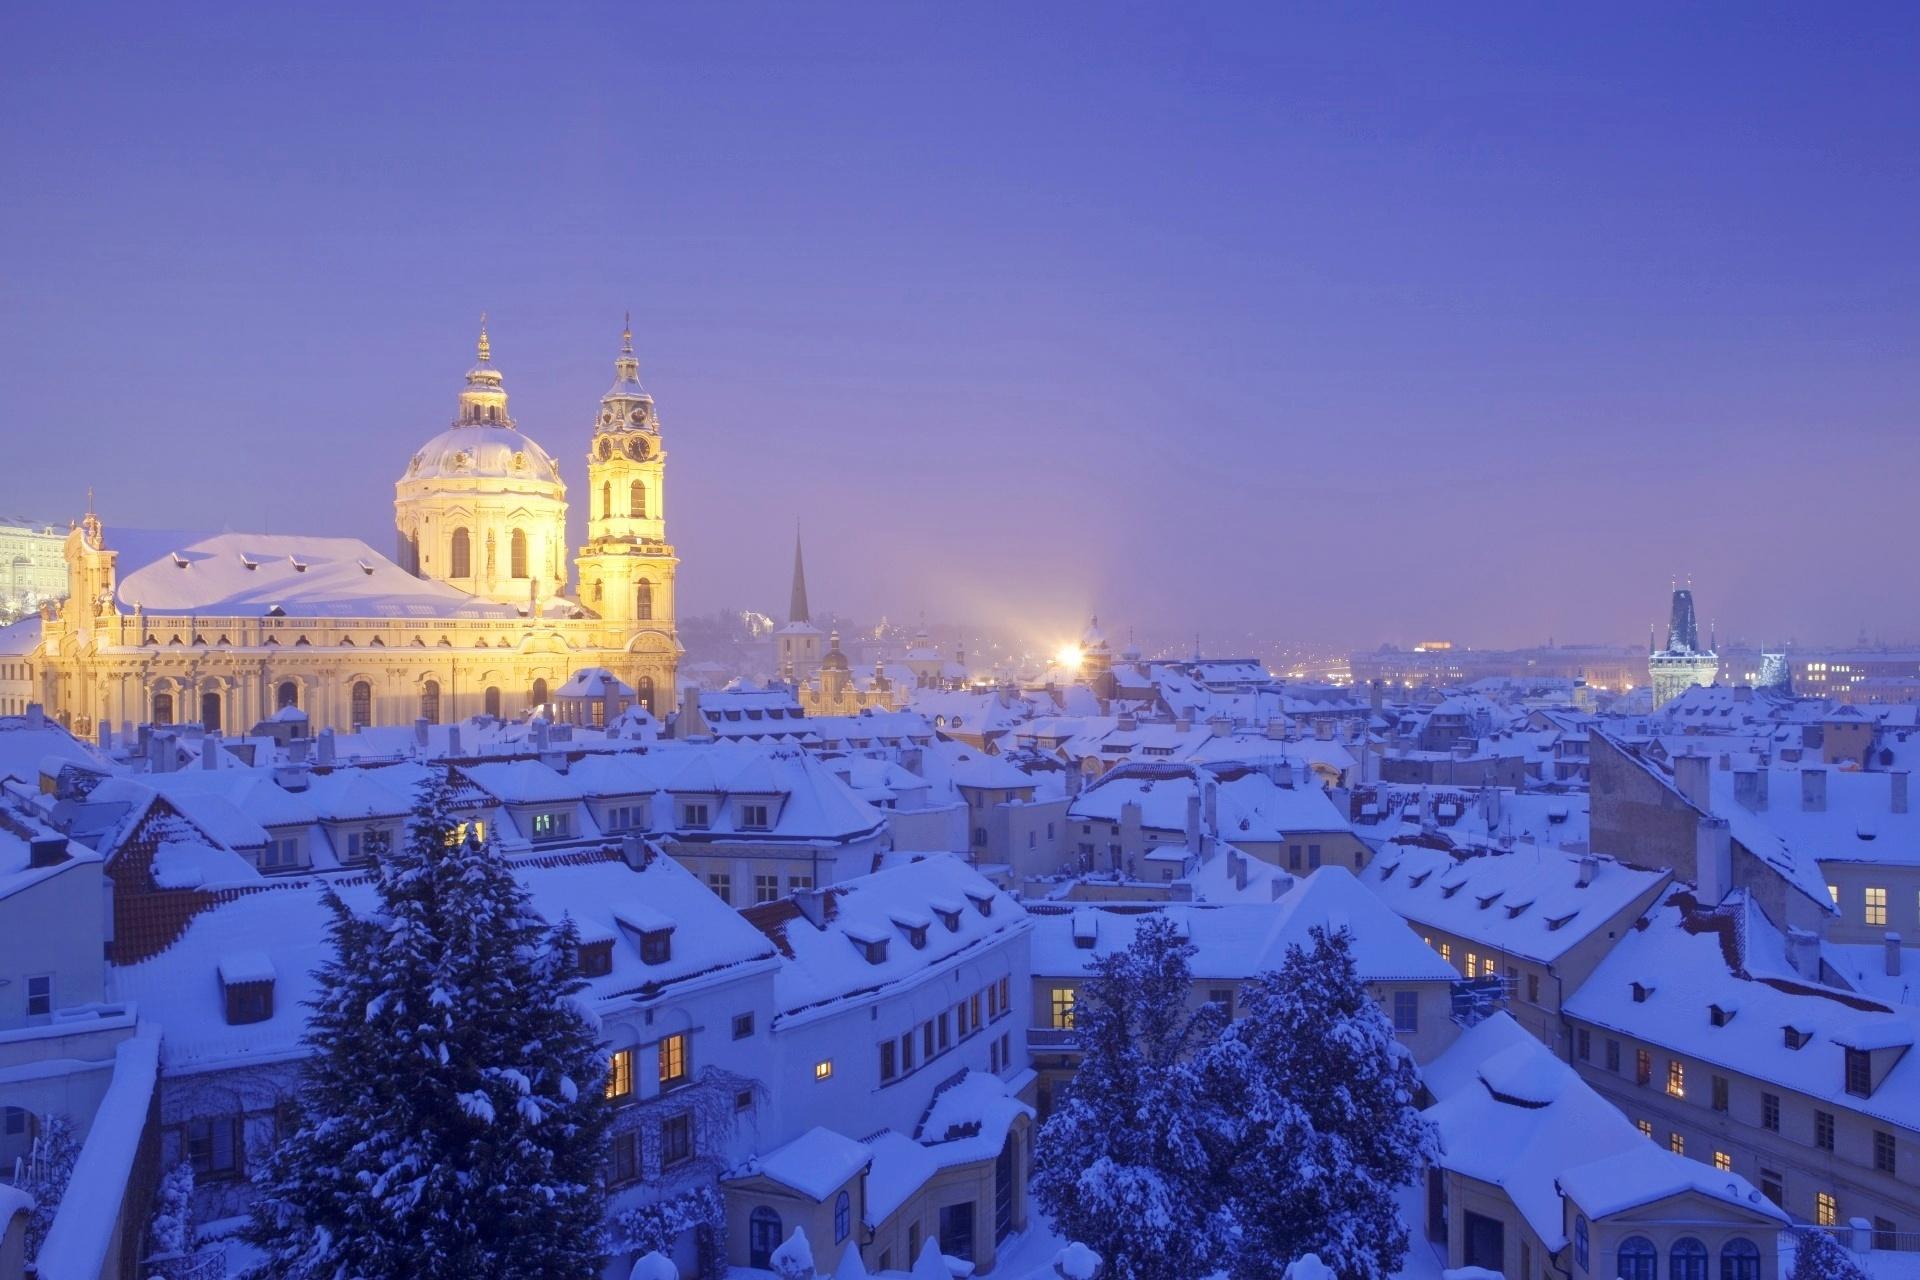 冬のプラハの風景 セント・ニコラス教会とマラー・ストラナ チェコの風景